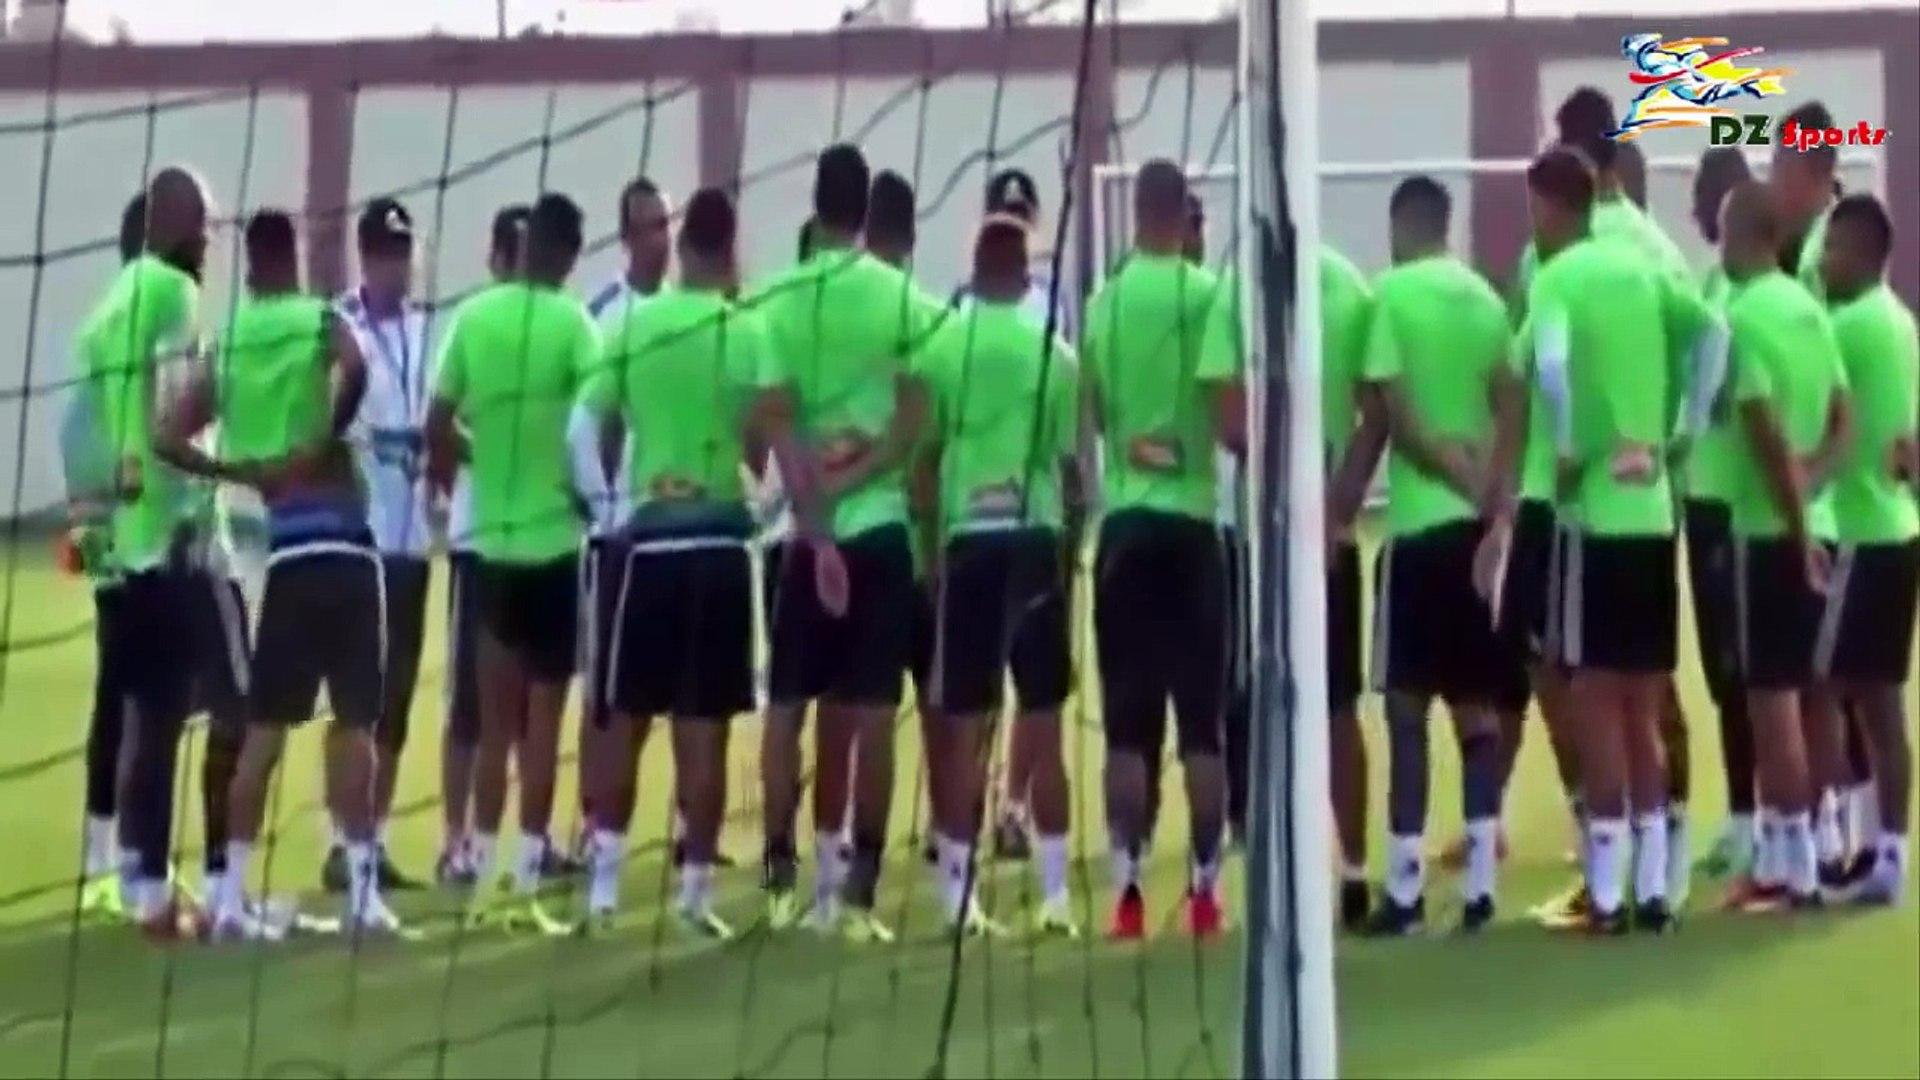 تقرير beIN SPORTS حول تحضيرات المنتخب الجزائري لبداية التصفيات الإفريقية لمونديال 2018